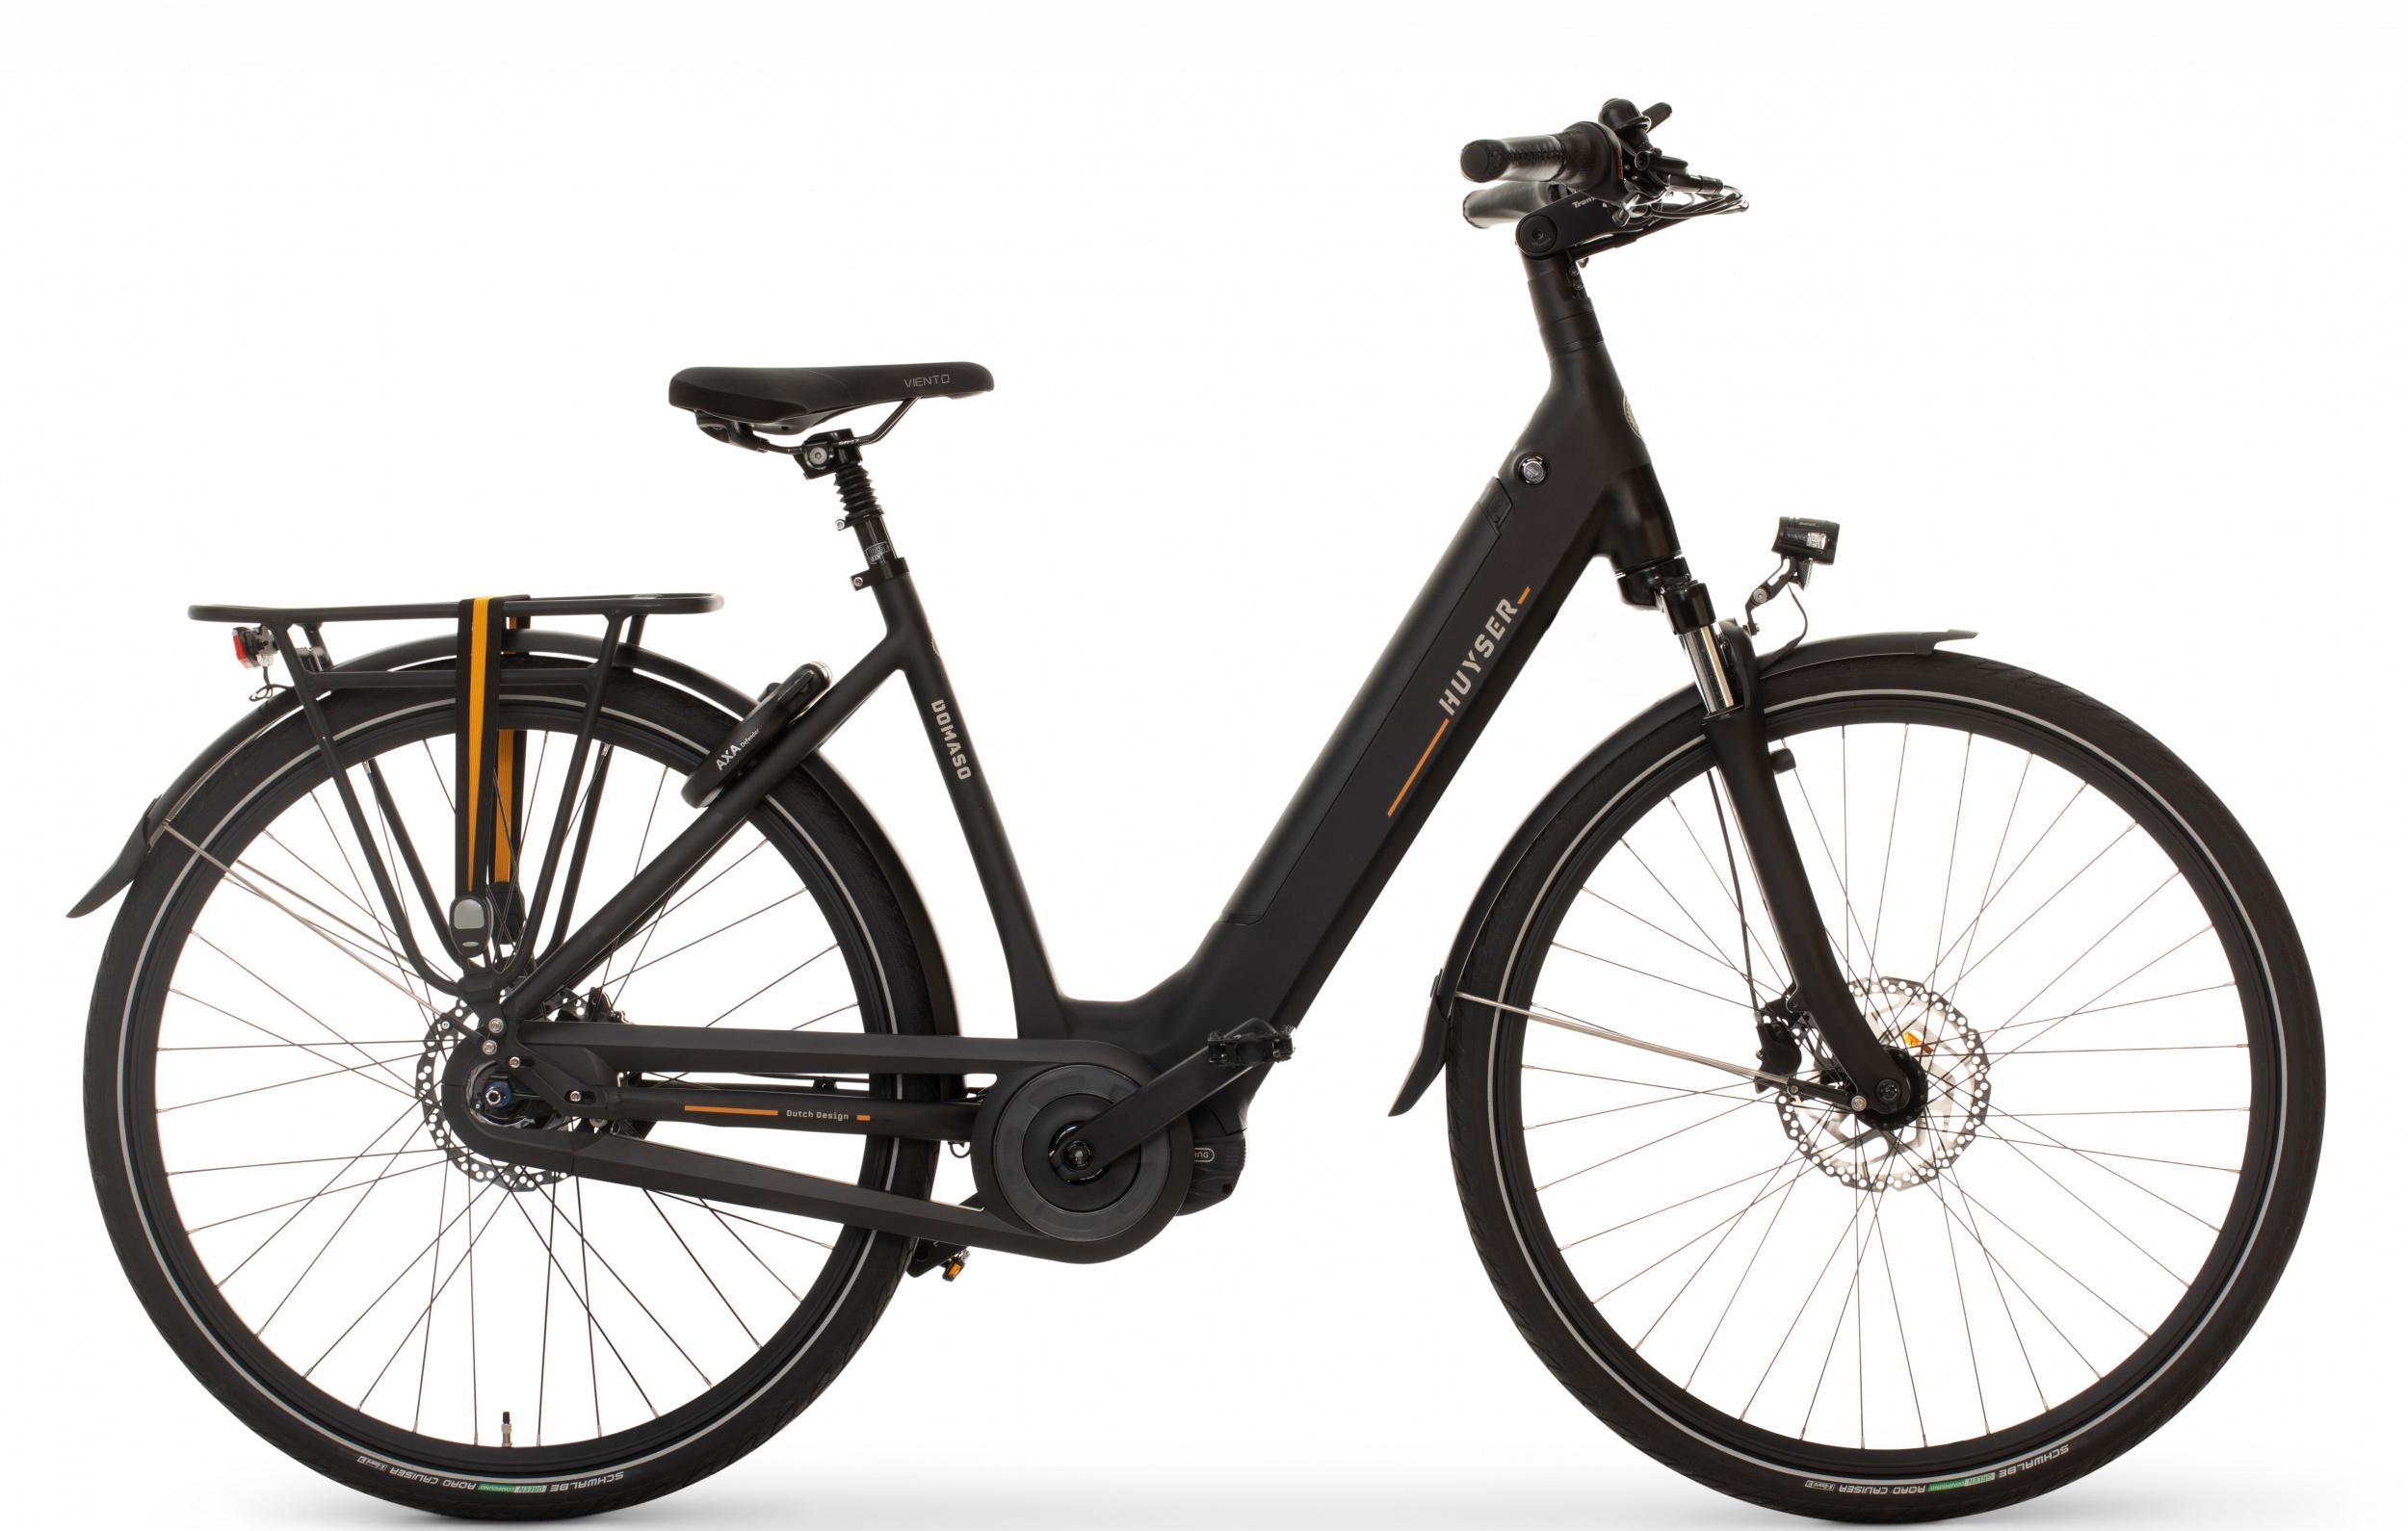 Huyser Domaso elektrische fiets 8V met middenmotor